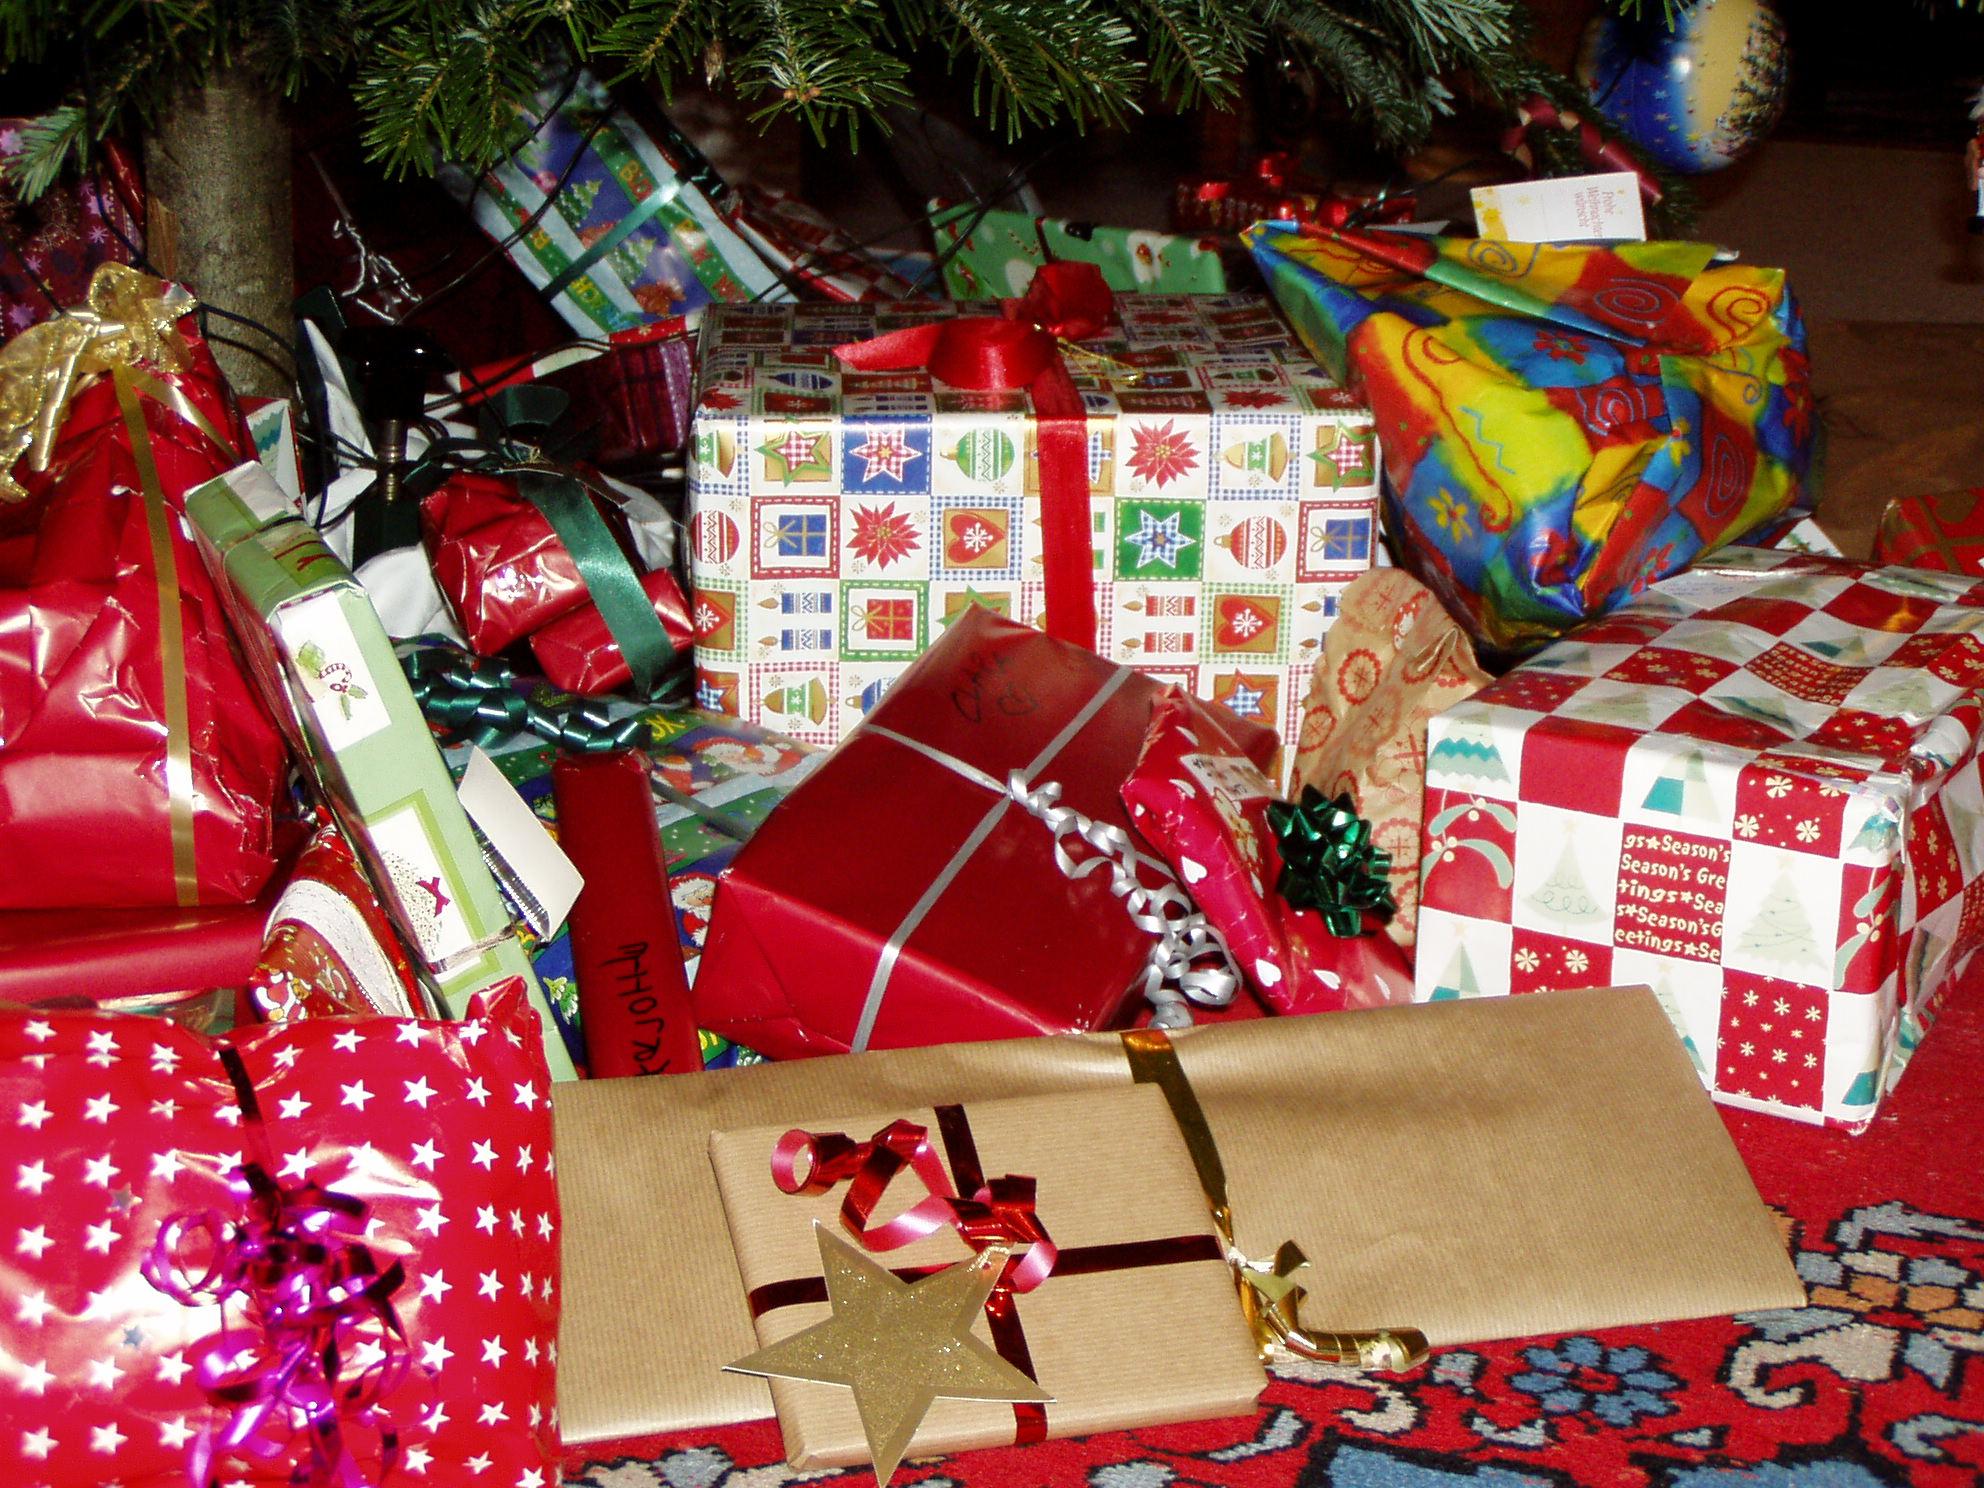 Wer Bringt Weihnachtsgeschenke In Spanien.Weihnachtsgeschenk Wikipedia